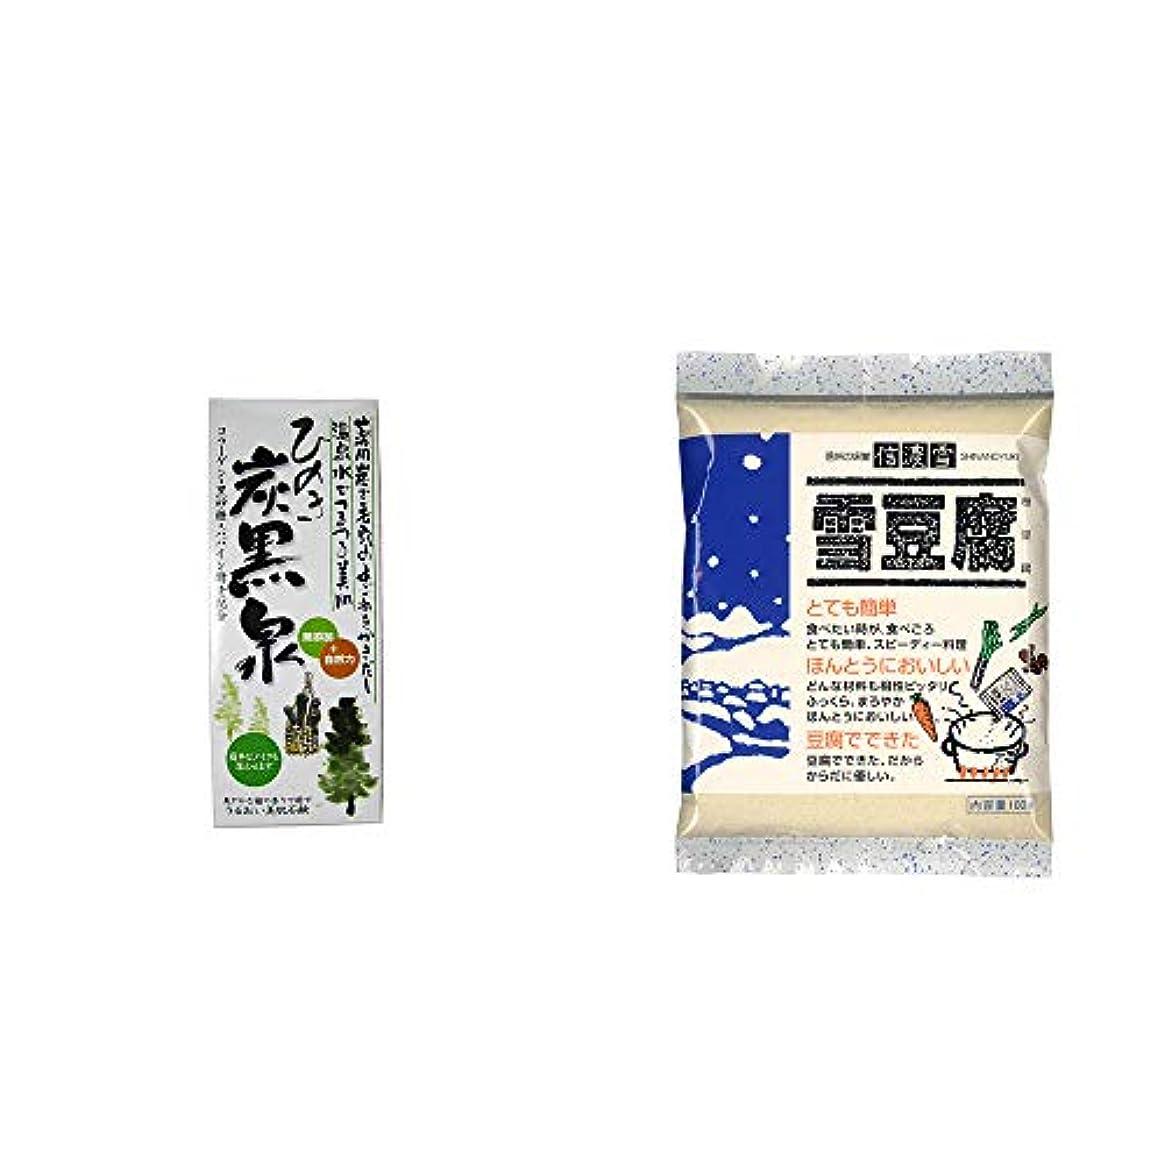 シャーオーバーフロー離れた[2点セット] ひのき炭黒泉 箱入り(75g×3)?信濃雪 雪豆腐(粉豆腐)(100g)